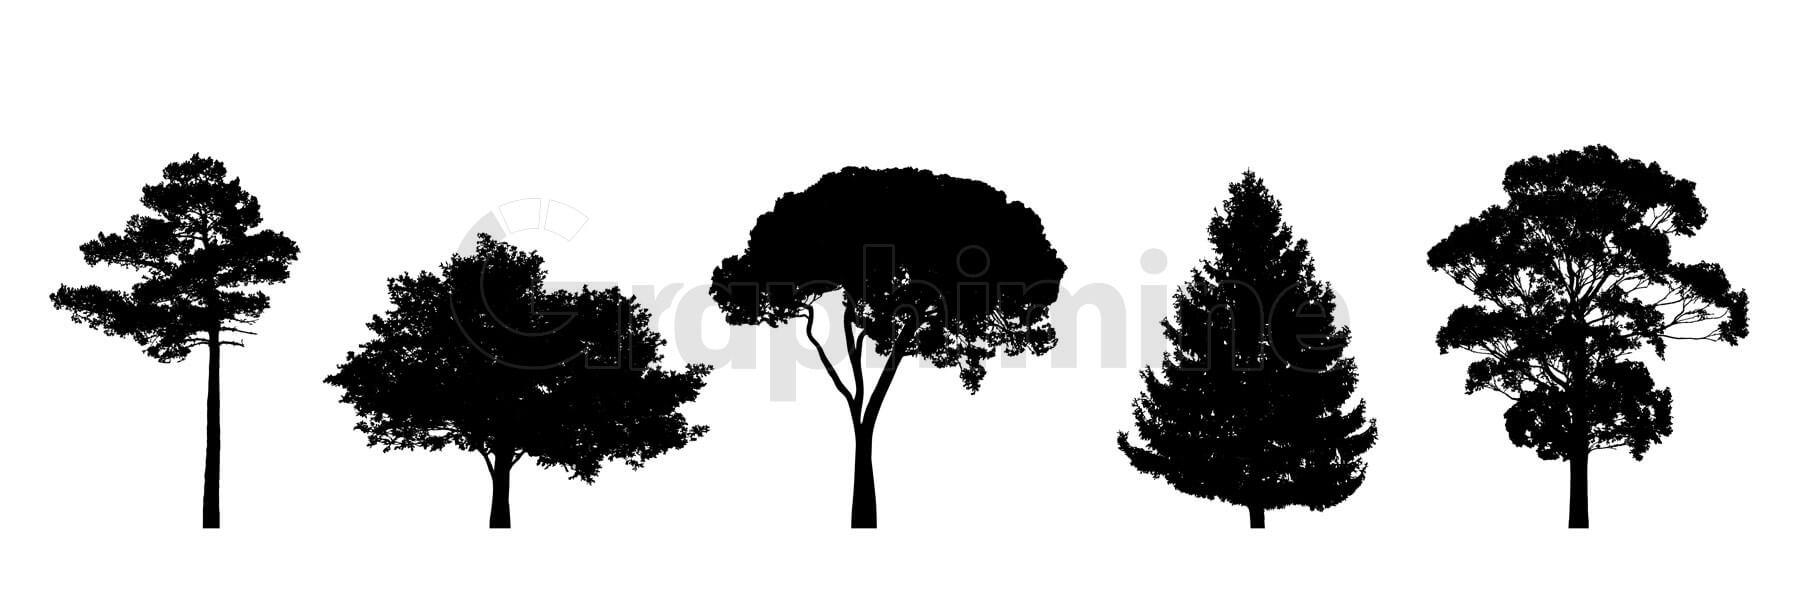 وکتور سایه مجموعه درخت